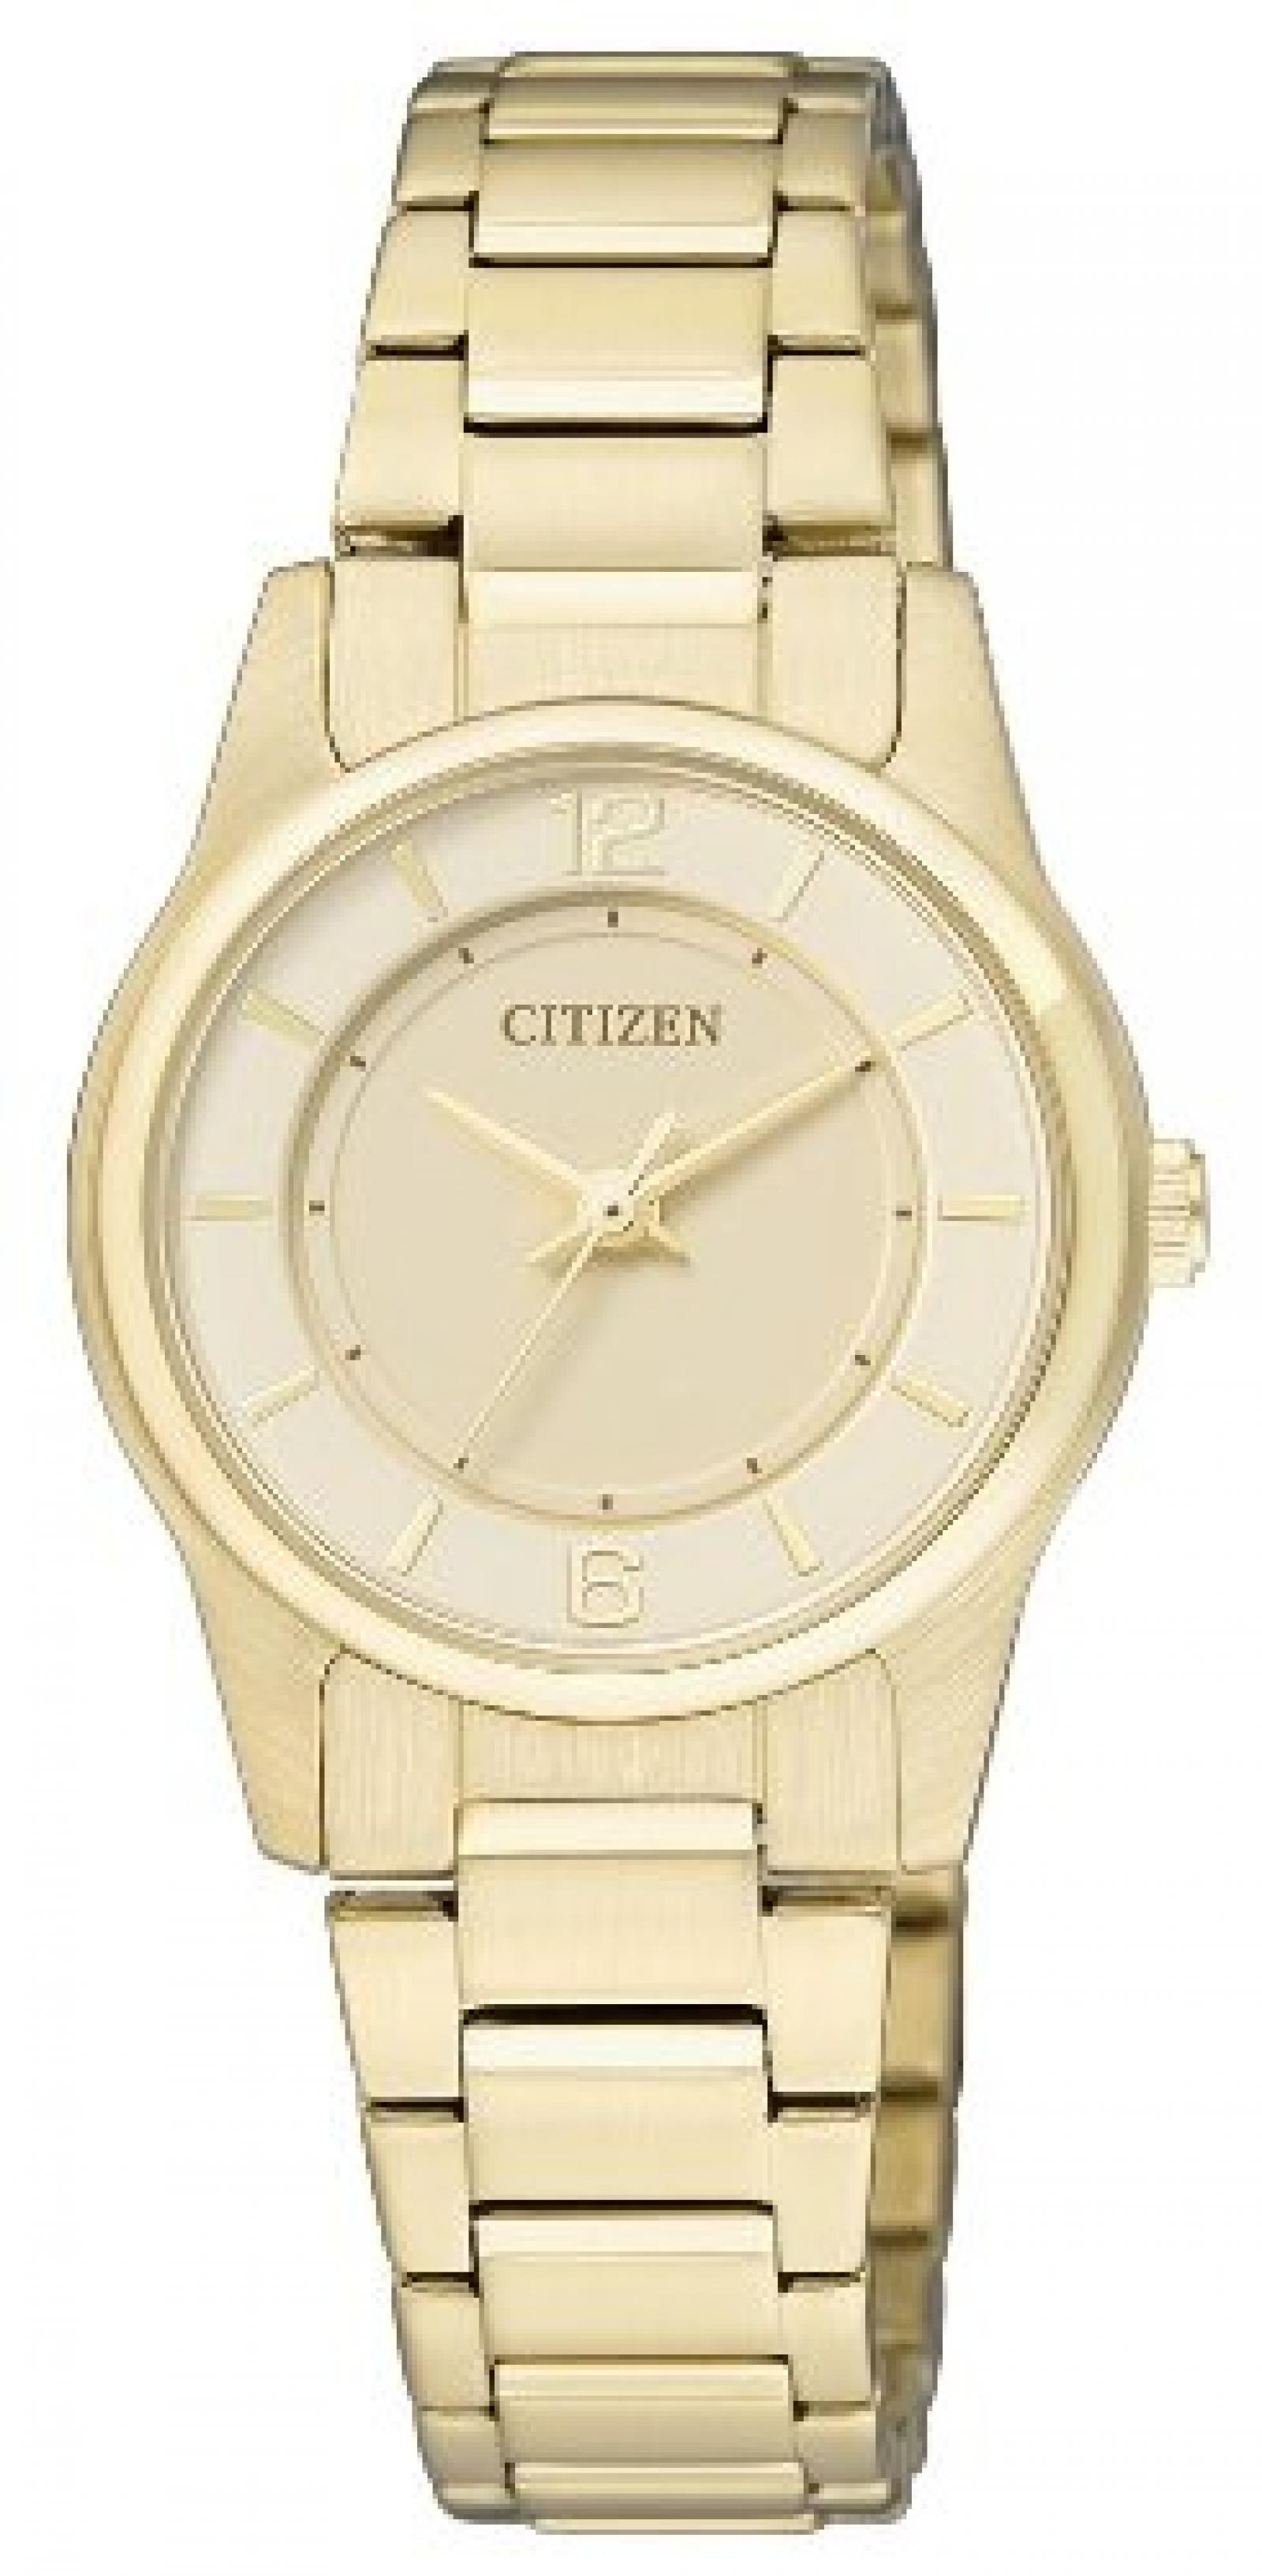 Citizen Damen-Armbanduhr Analog Quarz Edelstahl beschichtet ER0182-59A